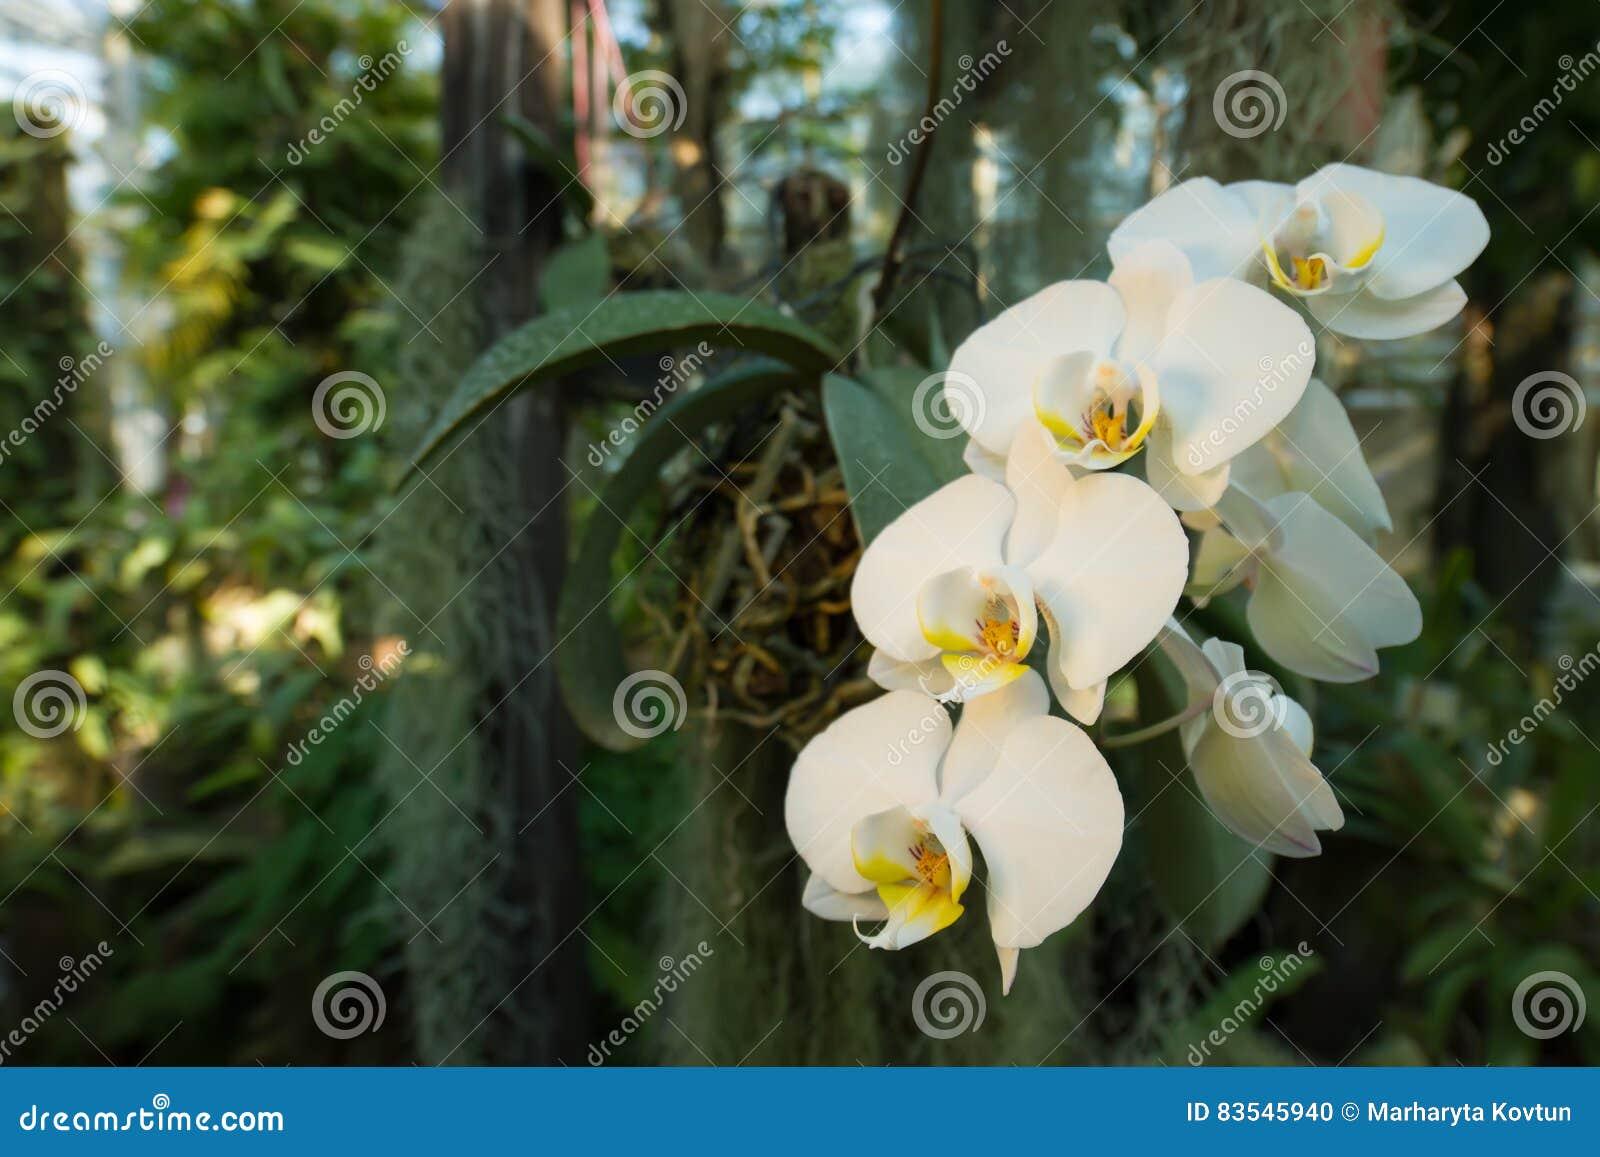 Schöne Niederlassung von weißen Orchideen in einem tropischen Wald